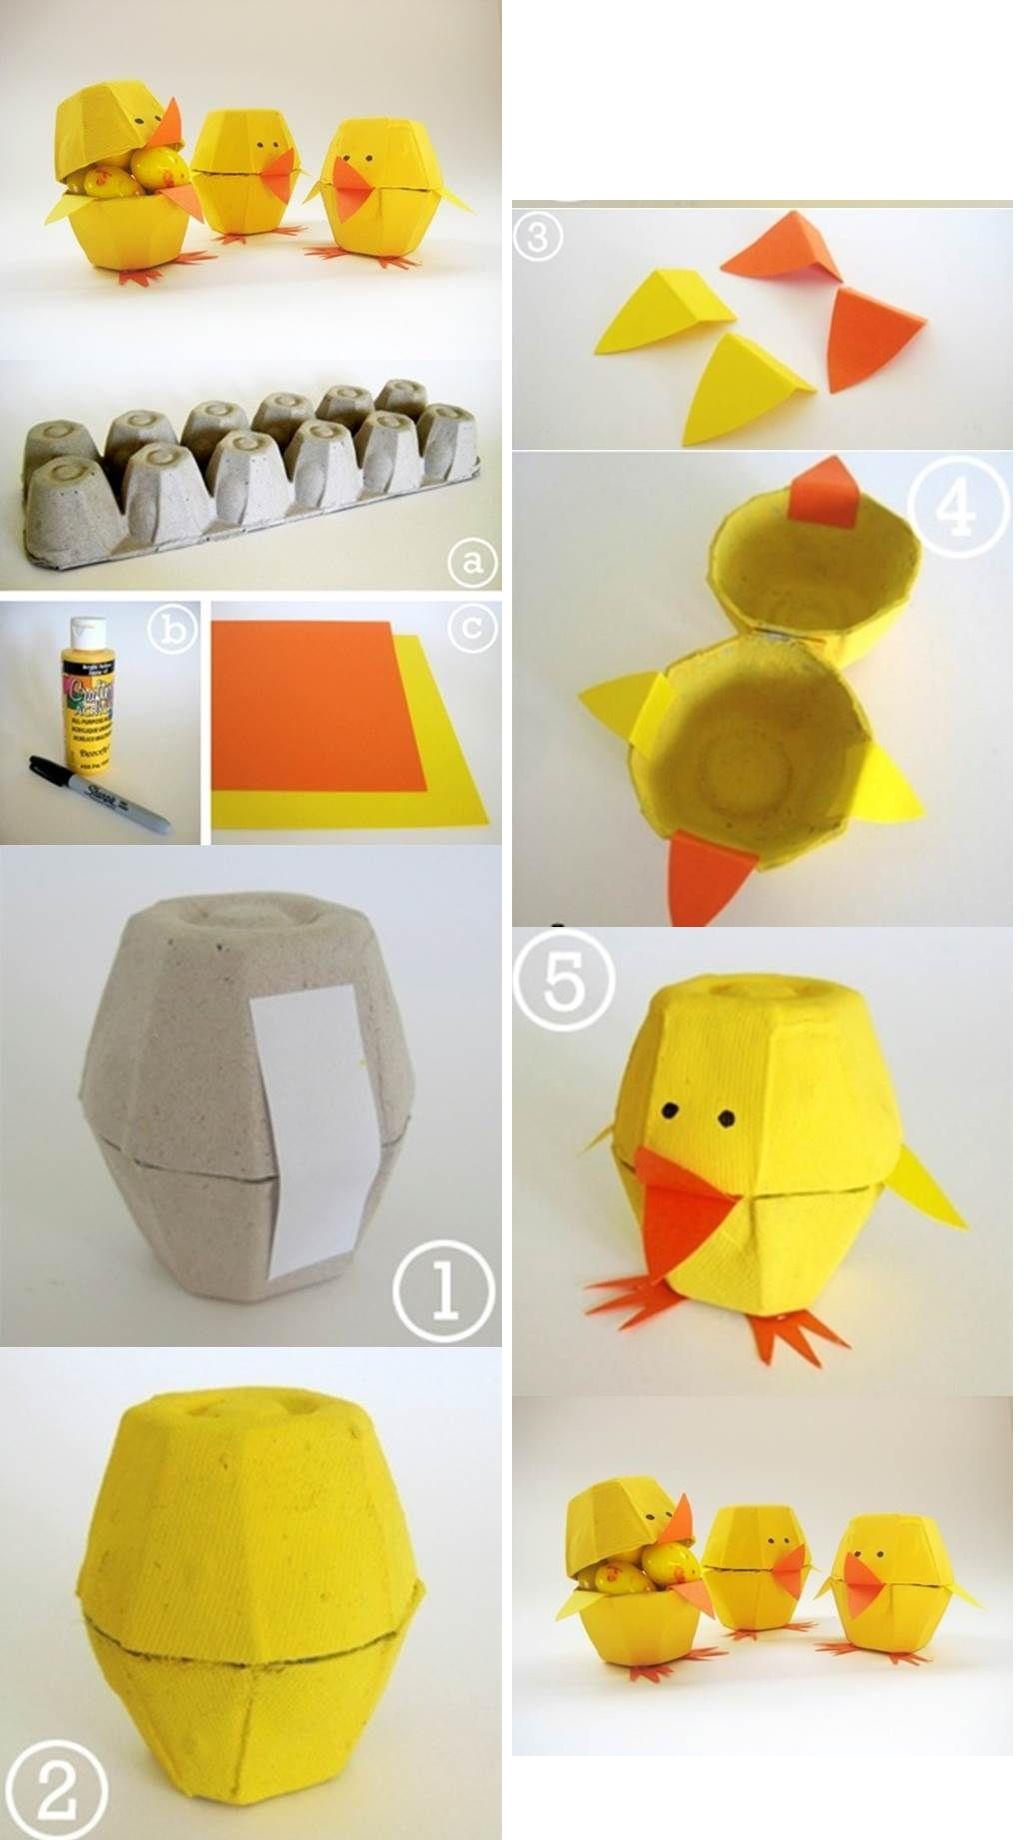 Voll gemütlich: Basteln mit Kindern! 8 einfache Bastelideen für Ostern!